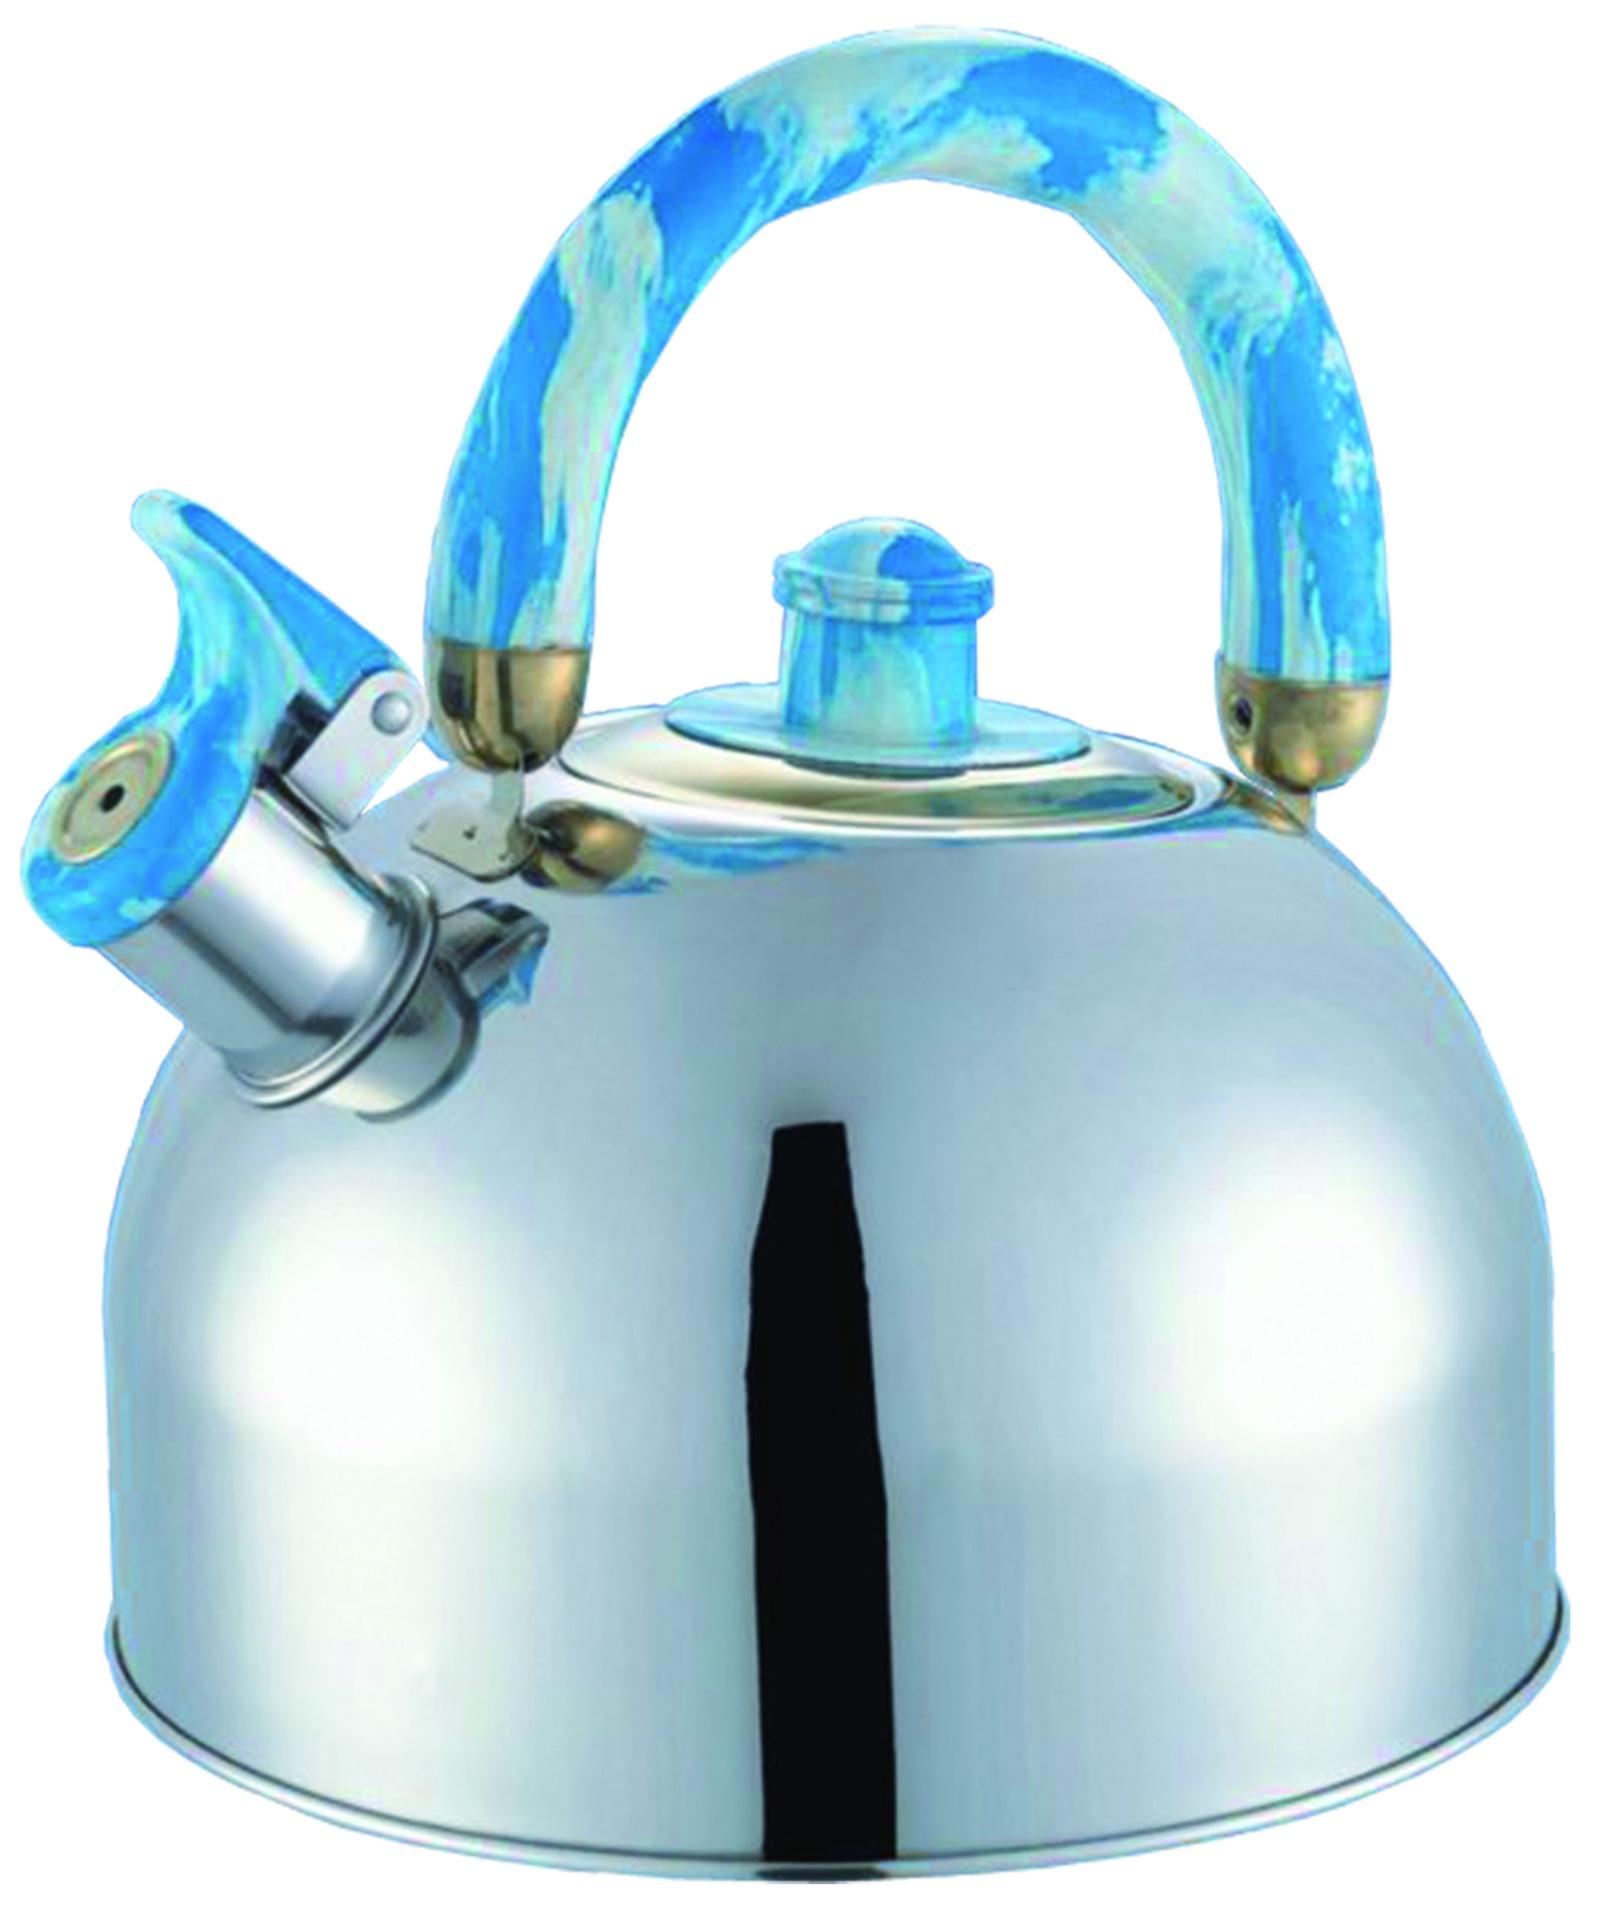 Чайник мет. BHL - 631, 3,5л., Blue bohmann bhl 655